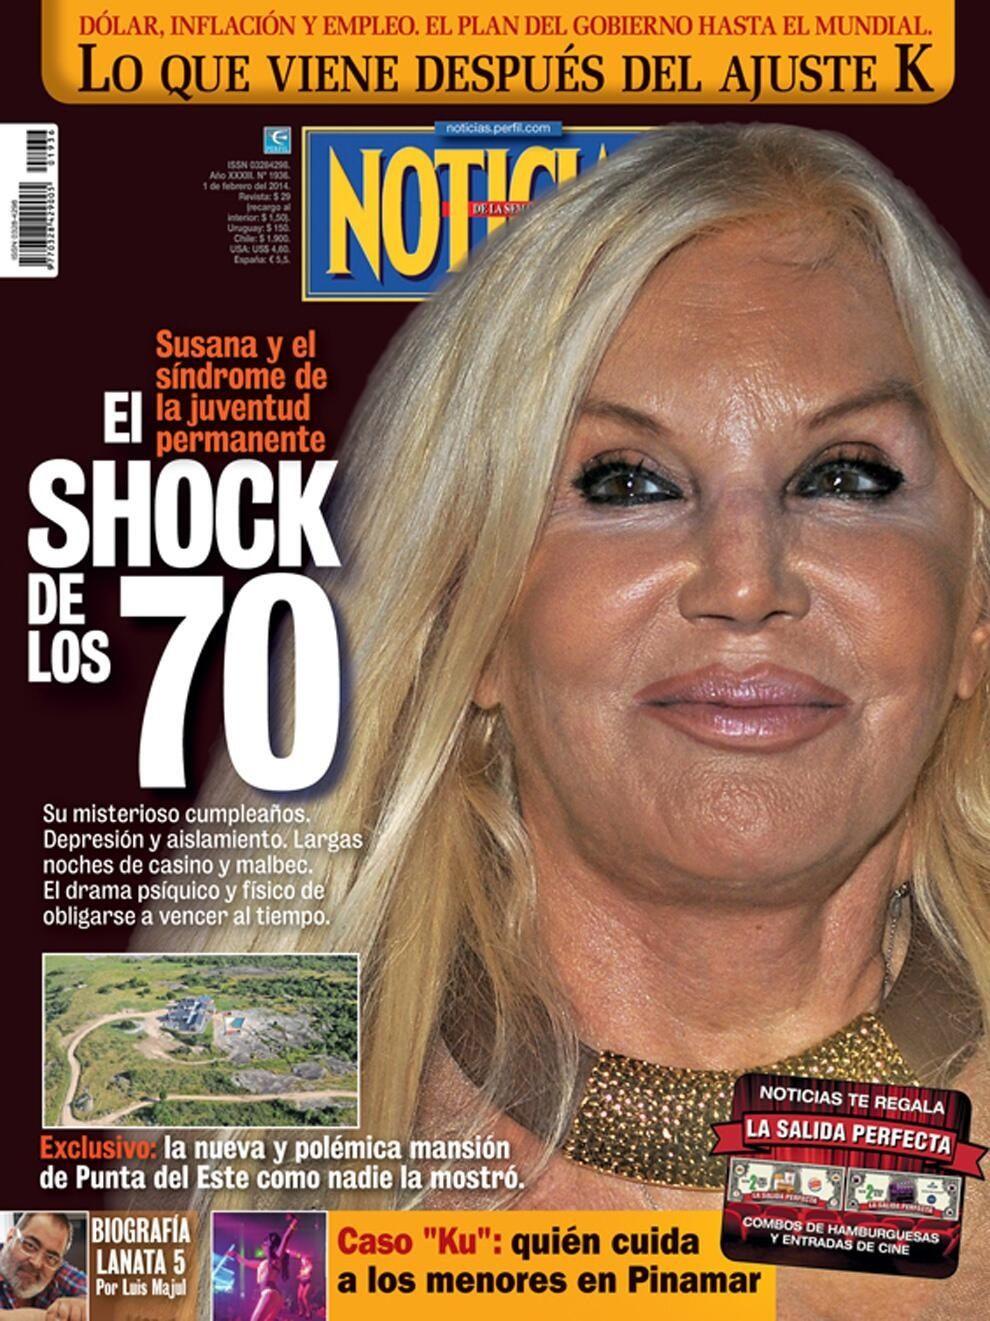 Otra imagen de Susana para el olvido: En una revista la mataron sin fotoshop